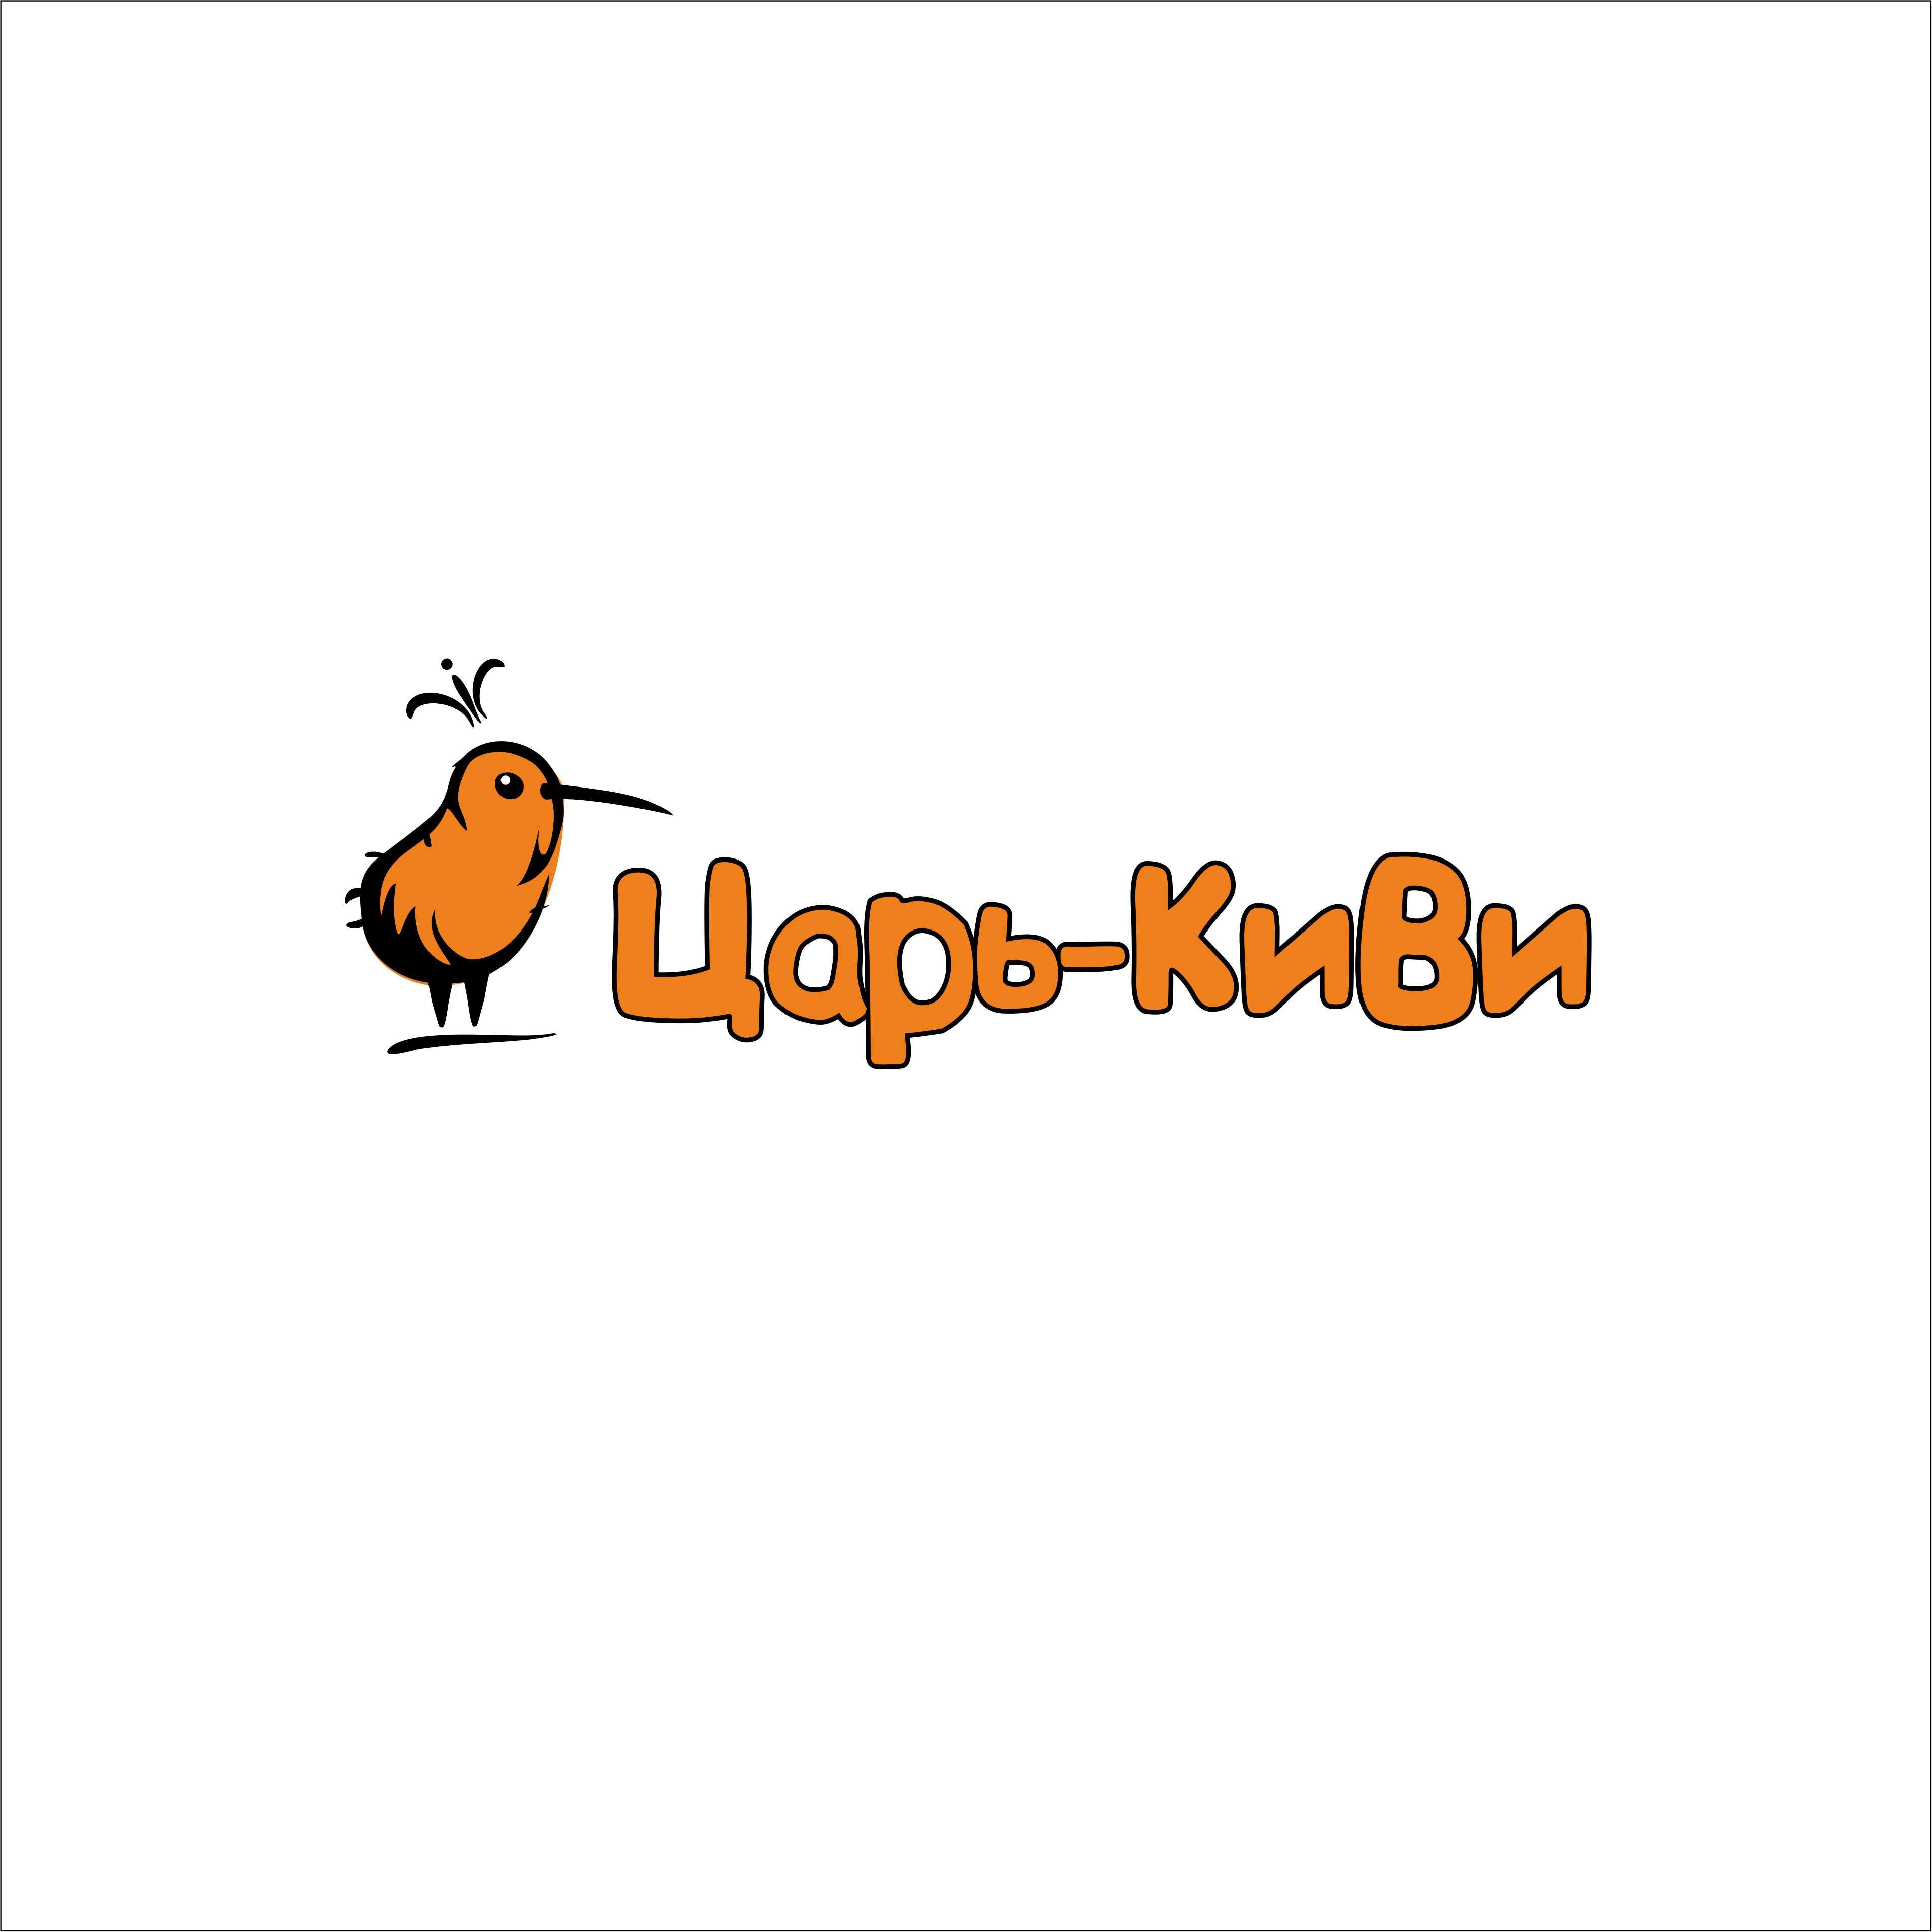 """Доработать дизайн логотипа кафе-кондитерской """"Царь-Киви"""" фото f_3895a0321a805d0b.jpg"""